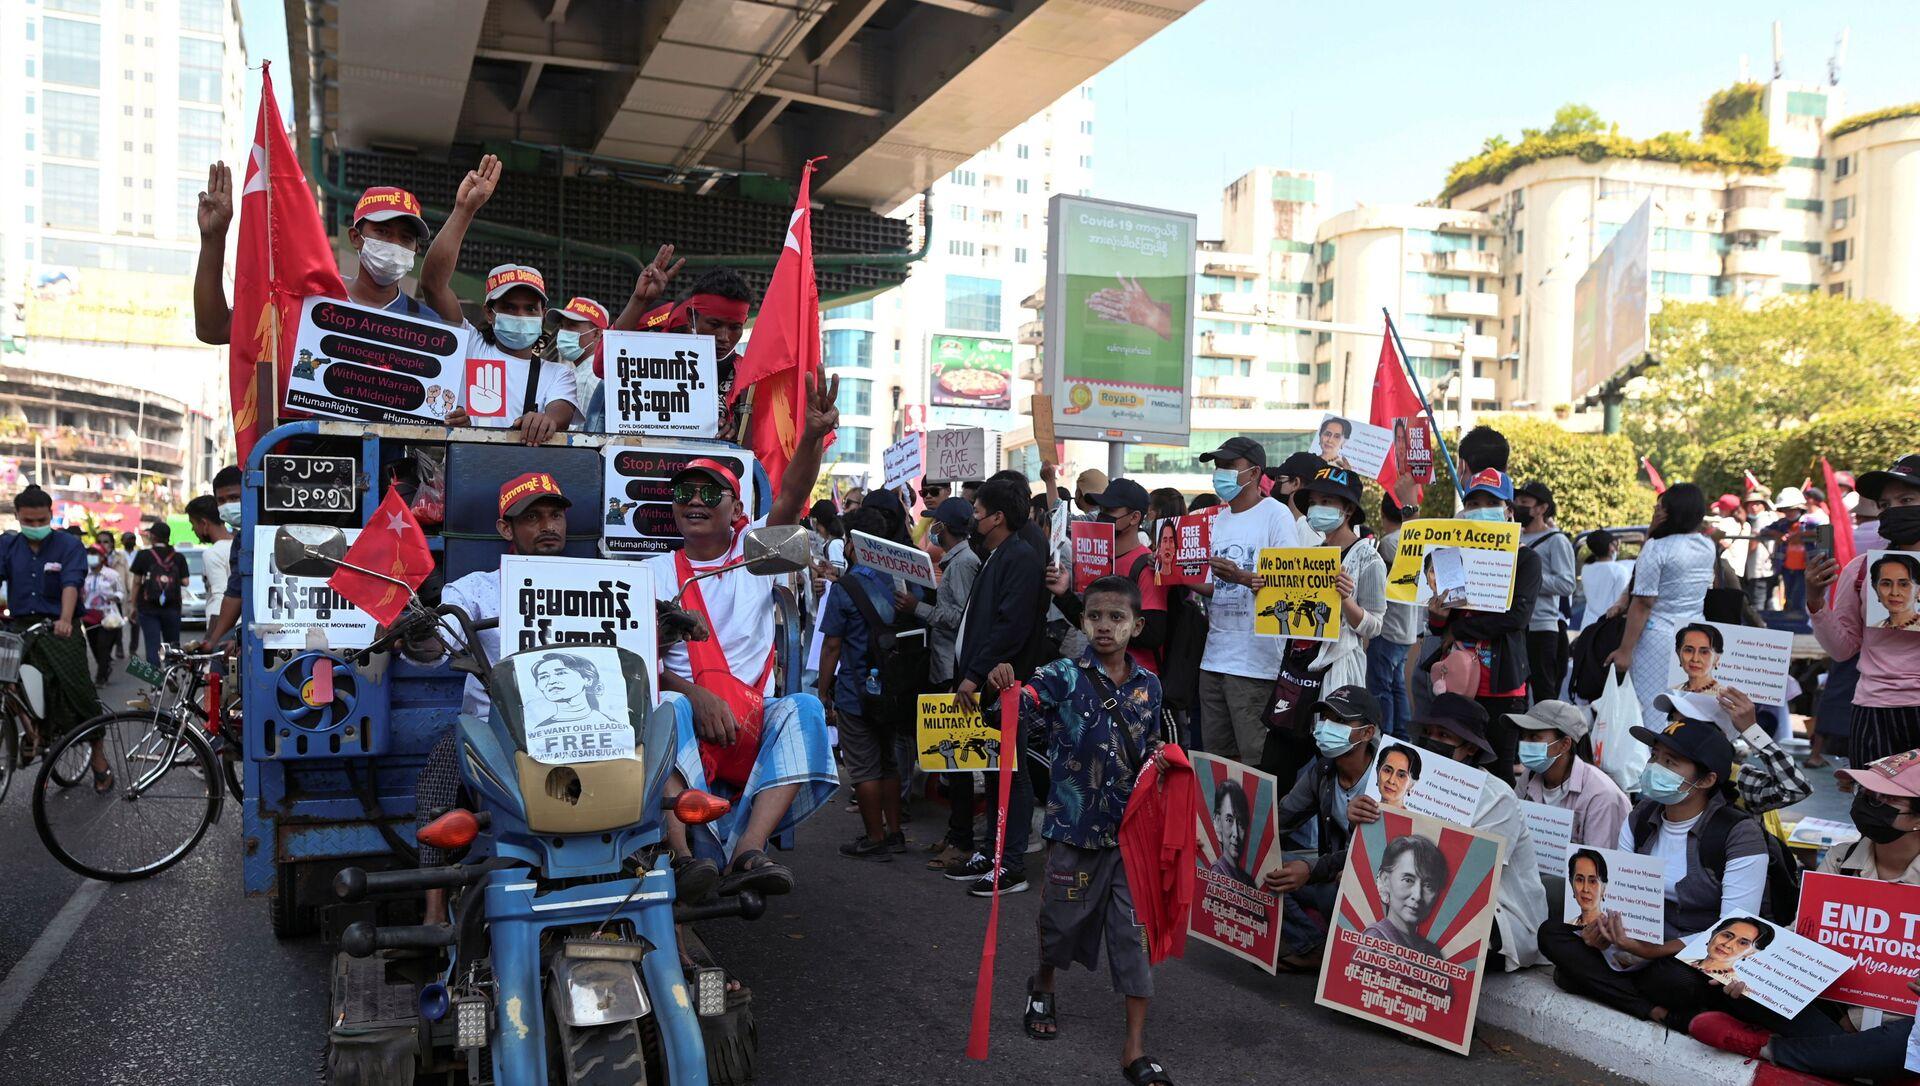 Le dimostrazioni in Myanmar contro il colpo di stato militare - Sputnik Italia, 1920, 16.02.2021